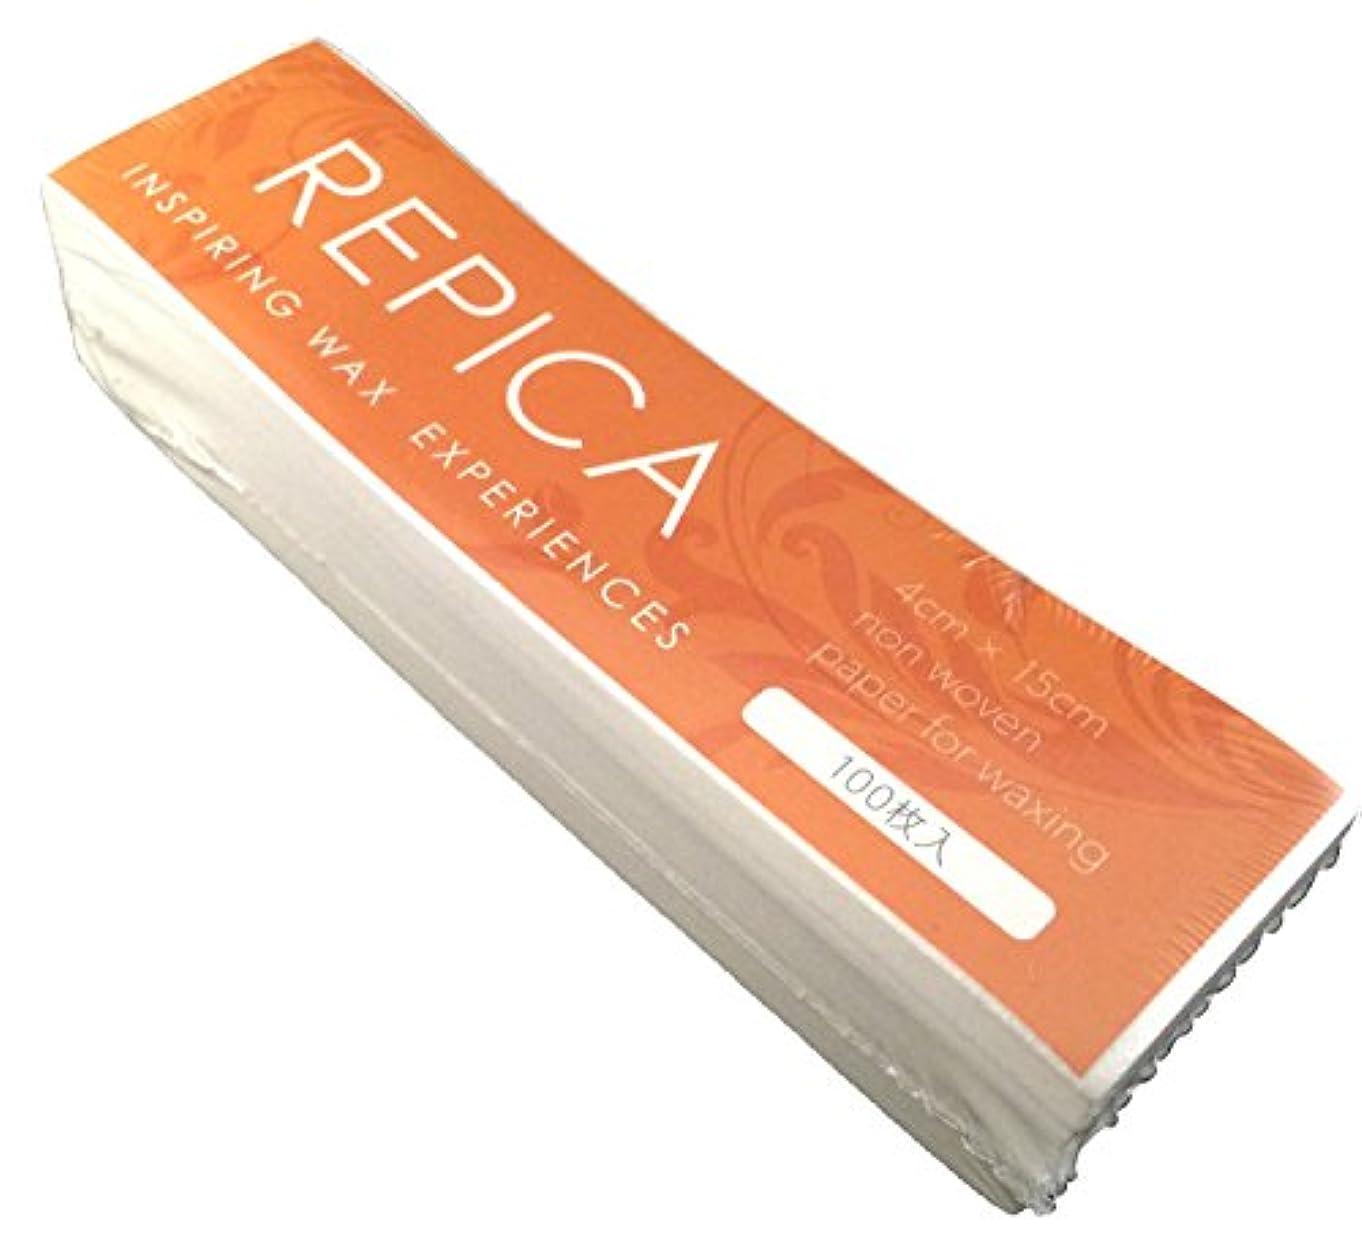 特権的可能性歴史的REPICA ブラジリアンワックス脱毛 カットペーパー Sサイズ100枚入り×5個セット ワックス脱毛 ワックスシート ストリップシート